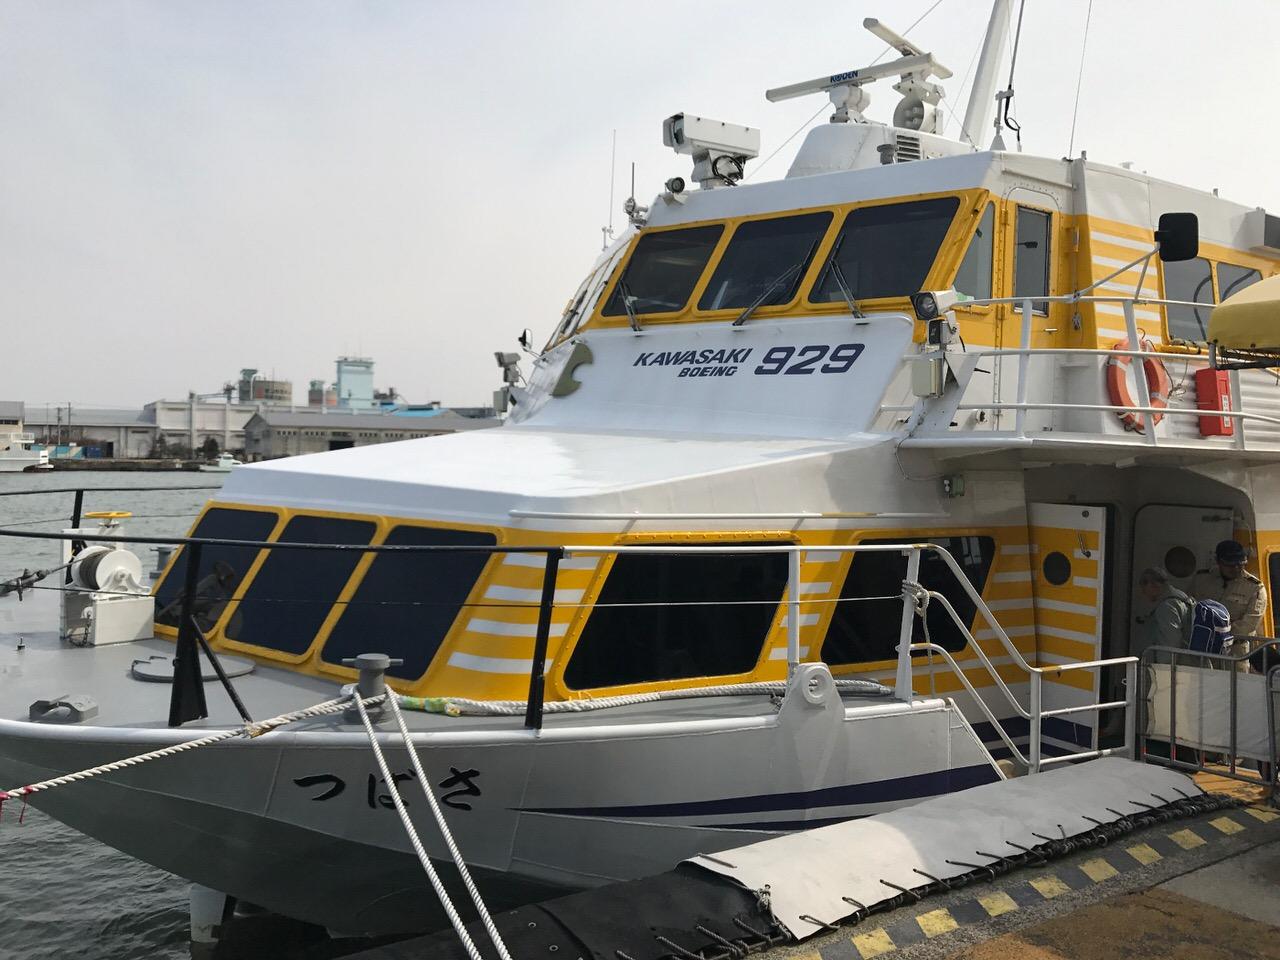 Sado travel 12225